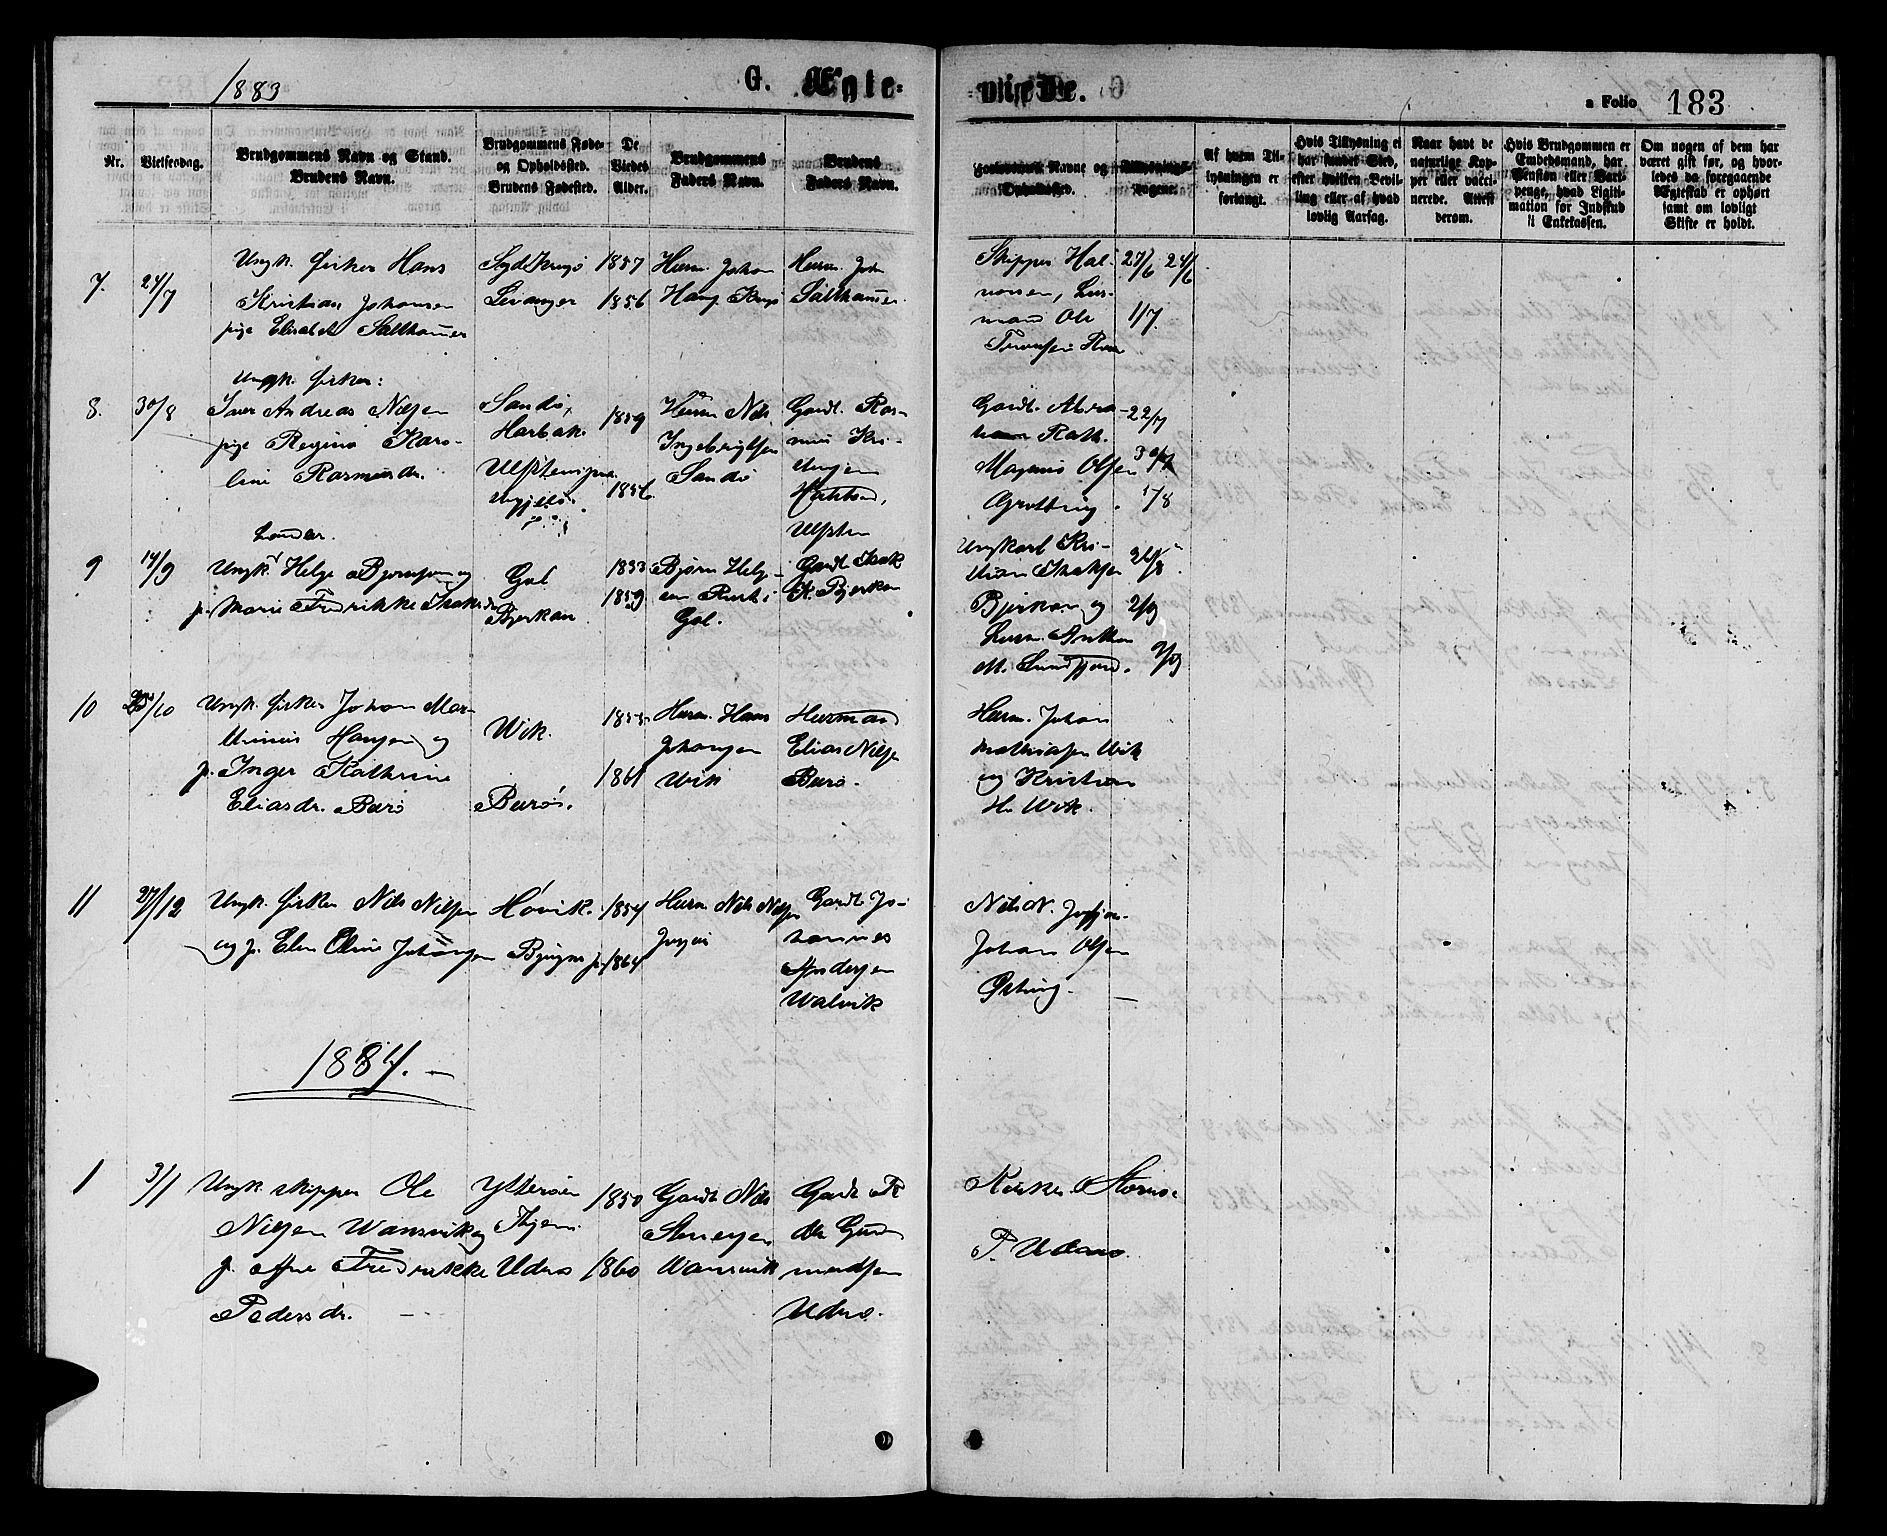 SAT, Ministerialprotokoller, klokkerbøker og fødselsregistre - Sør-Trøndelag, 657/L0715: Klokkerbok nr. 657C02, 1873-1888, s. 183